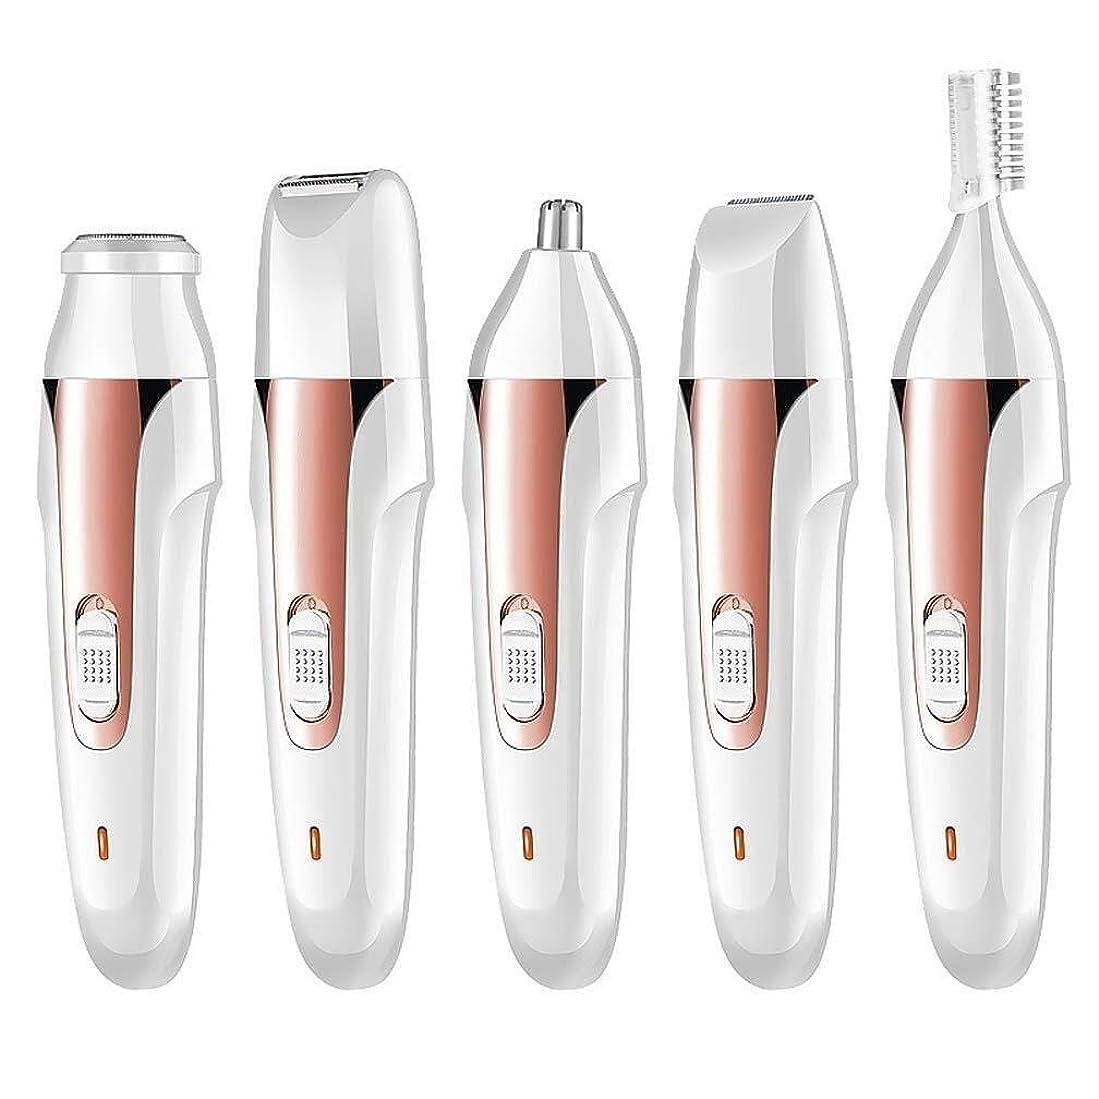 特許区別する凝視ポータブル鼻毛トリマー - 電動脱毛器具、USB充電器、多機能5つ1つ、眉毛形削りナイフ、ユニセックス (Color : 1)